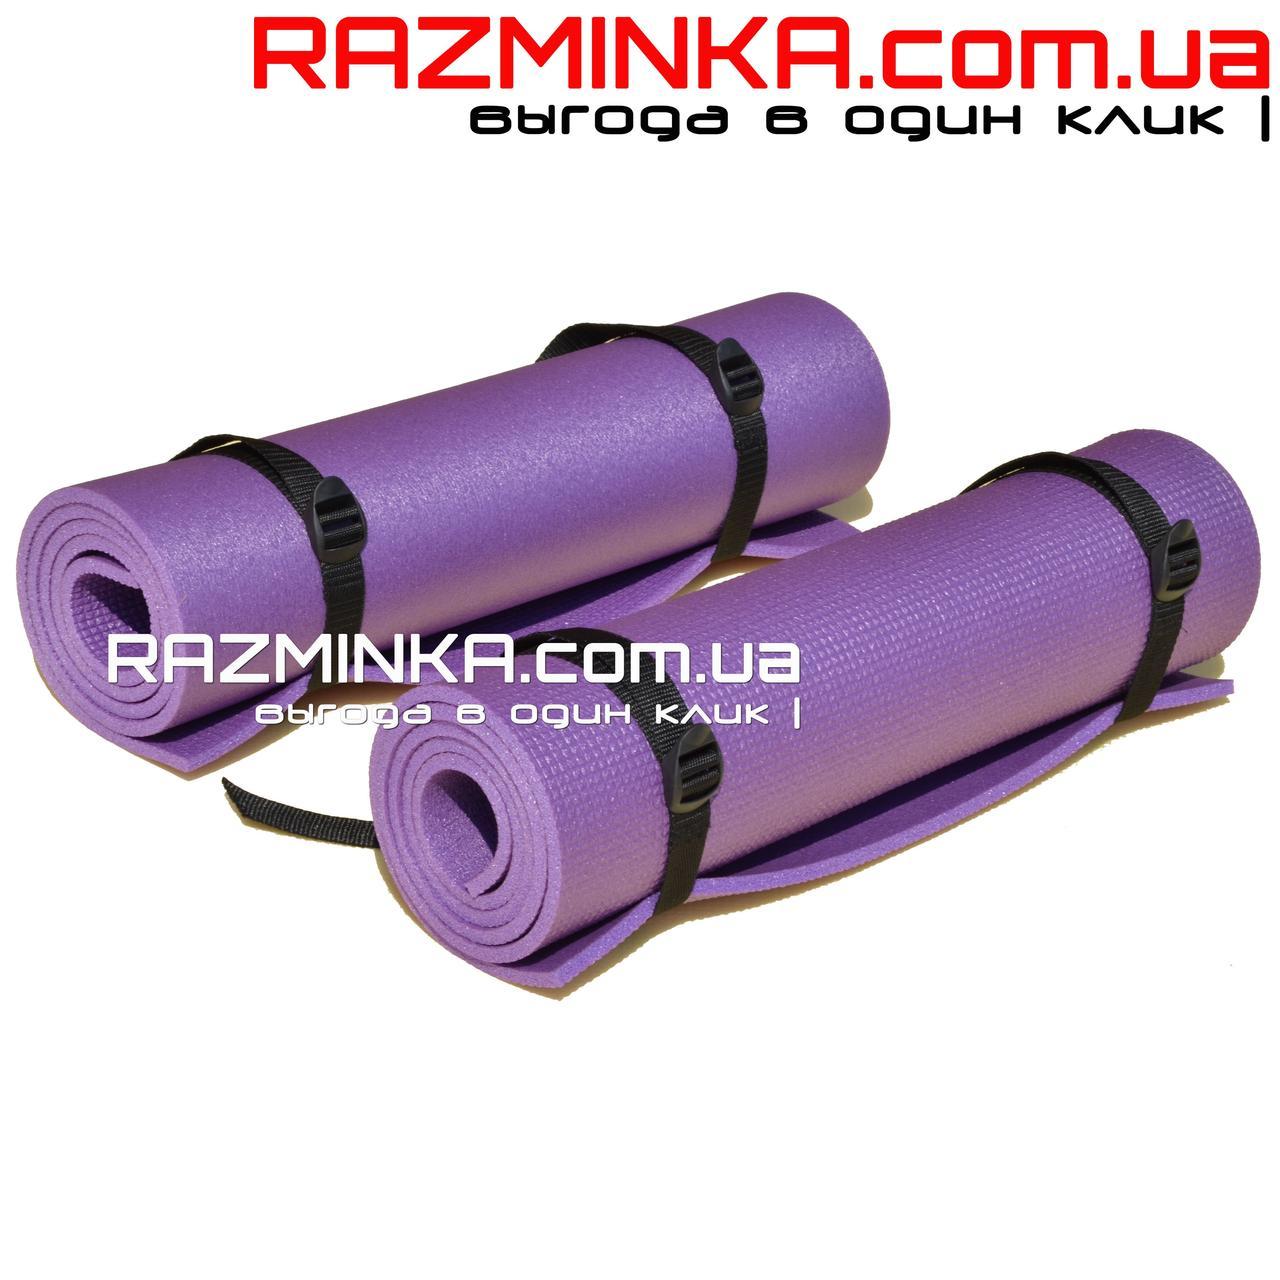 Детский коврик для гимнастики 150х50см, толщина 8мм, фиолетовый